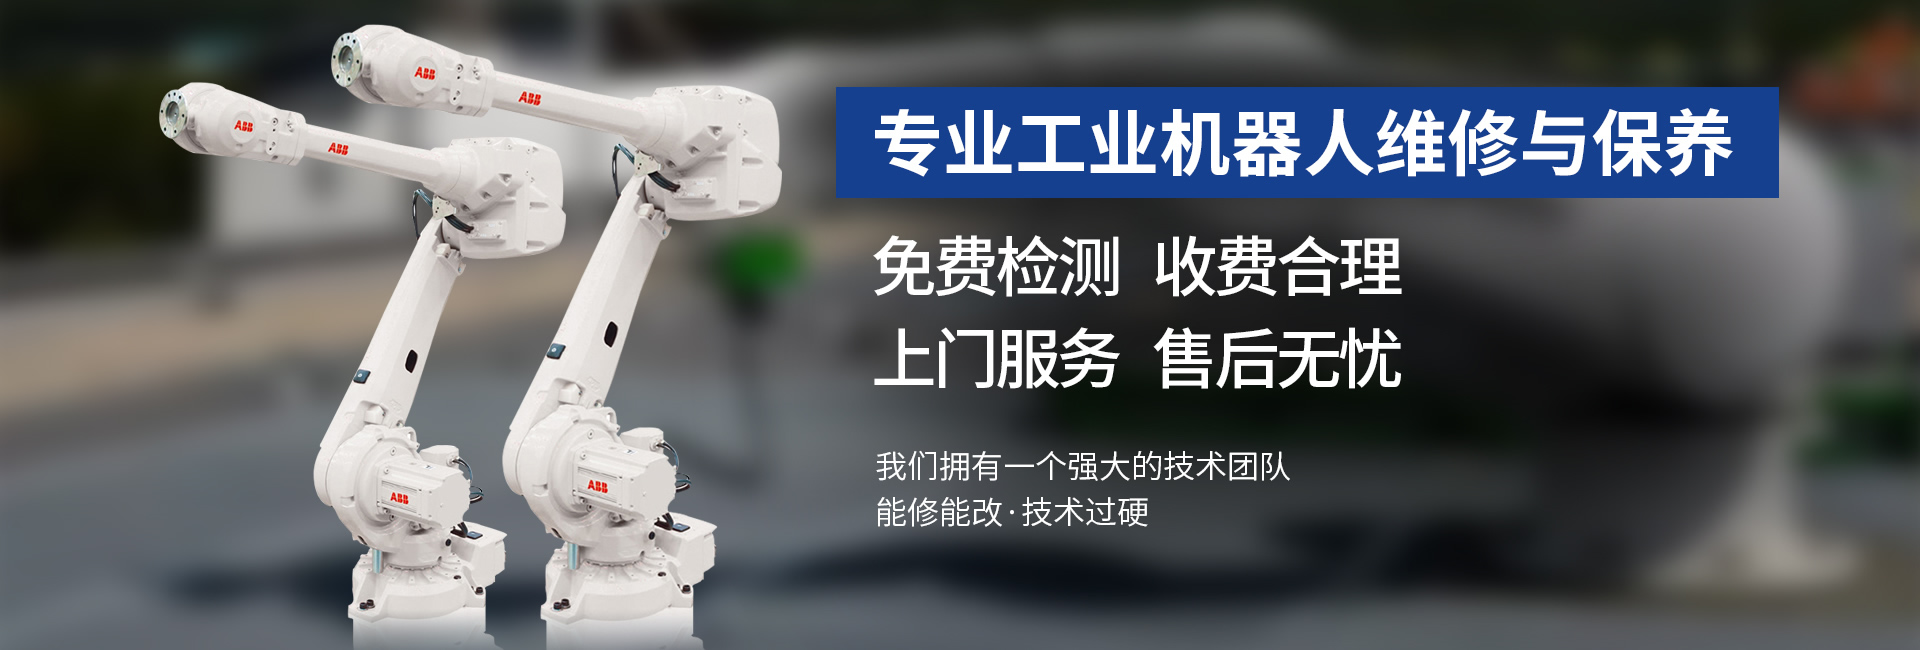 机器人维修保养